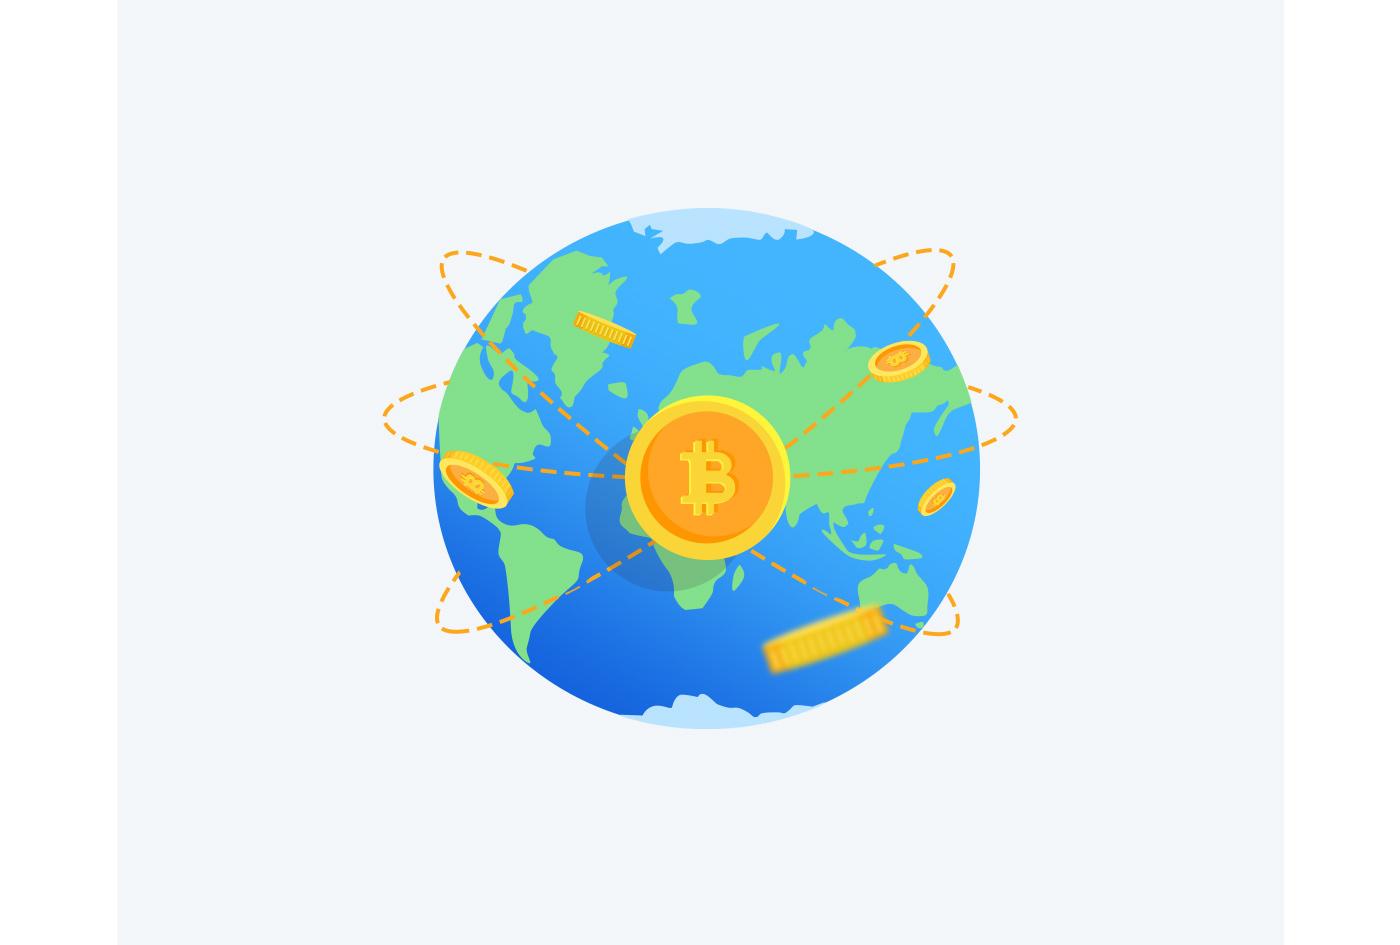 bitcoin illustrations bitcoin fork bitcoin graphic Bitcoin Wallet  bitcoin bitcoin designs bitcoin miners bitcoin freebies bitcoin psd